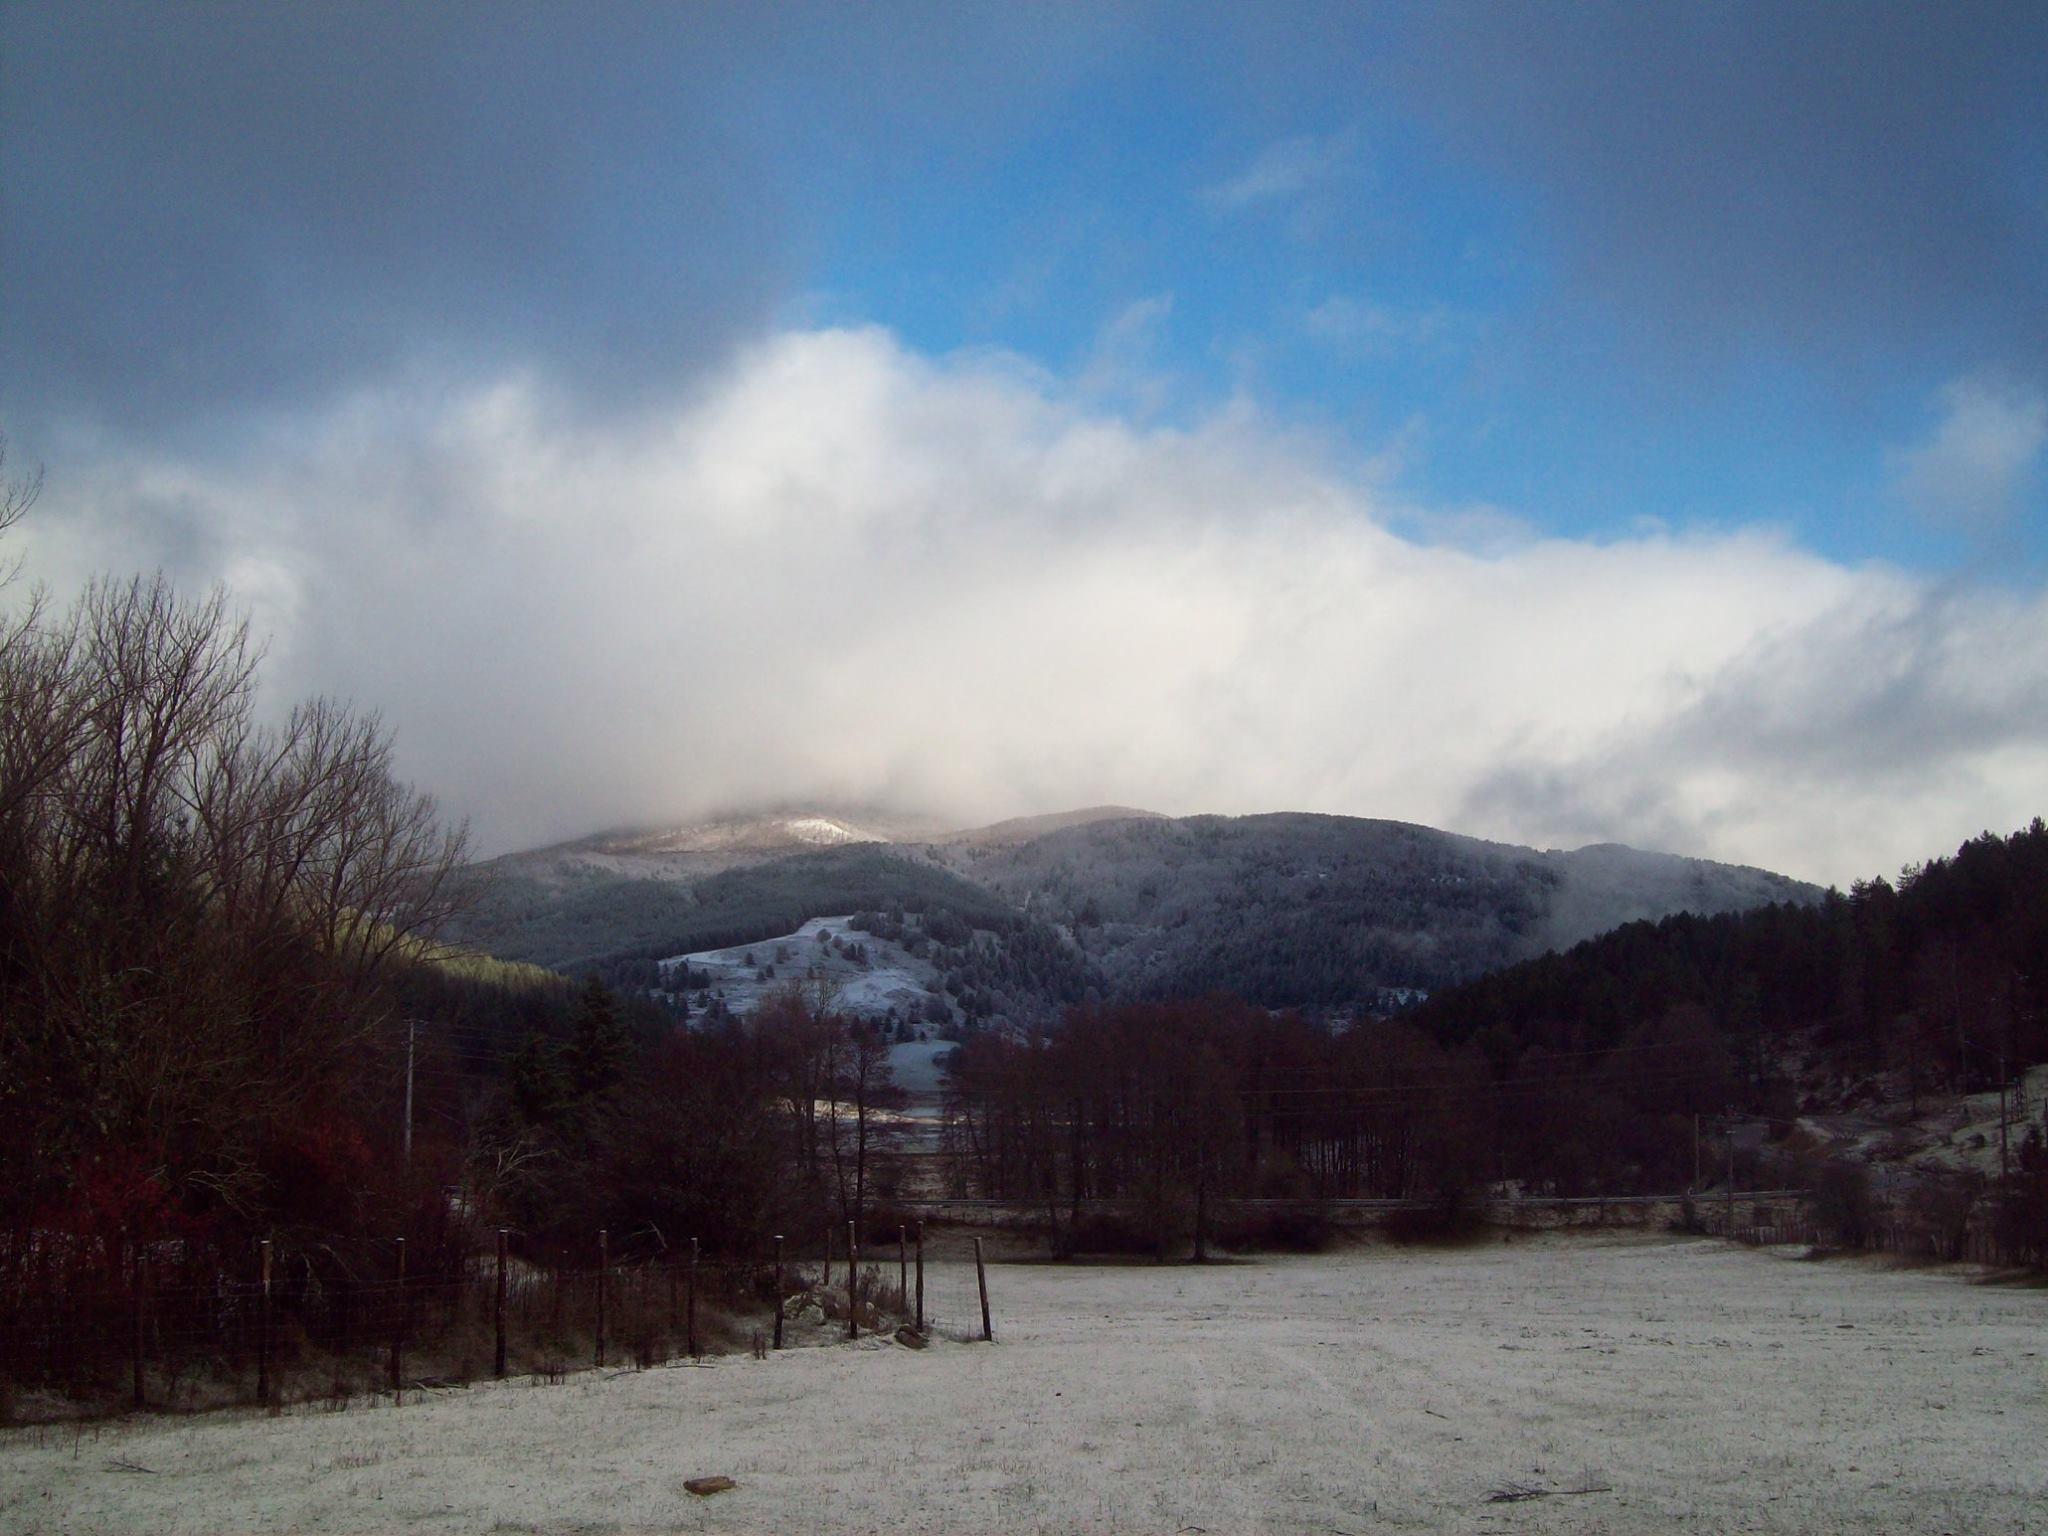 Da mercoledì pomeriggio nuovo peggioramento con piogge e neve sui monti.